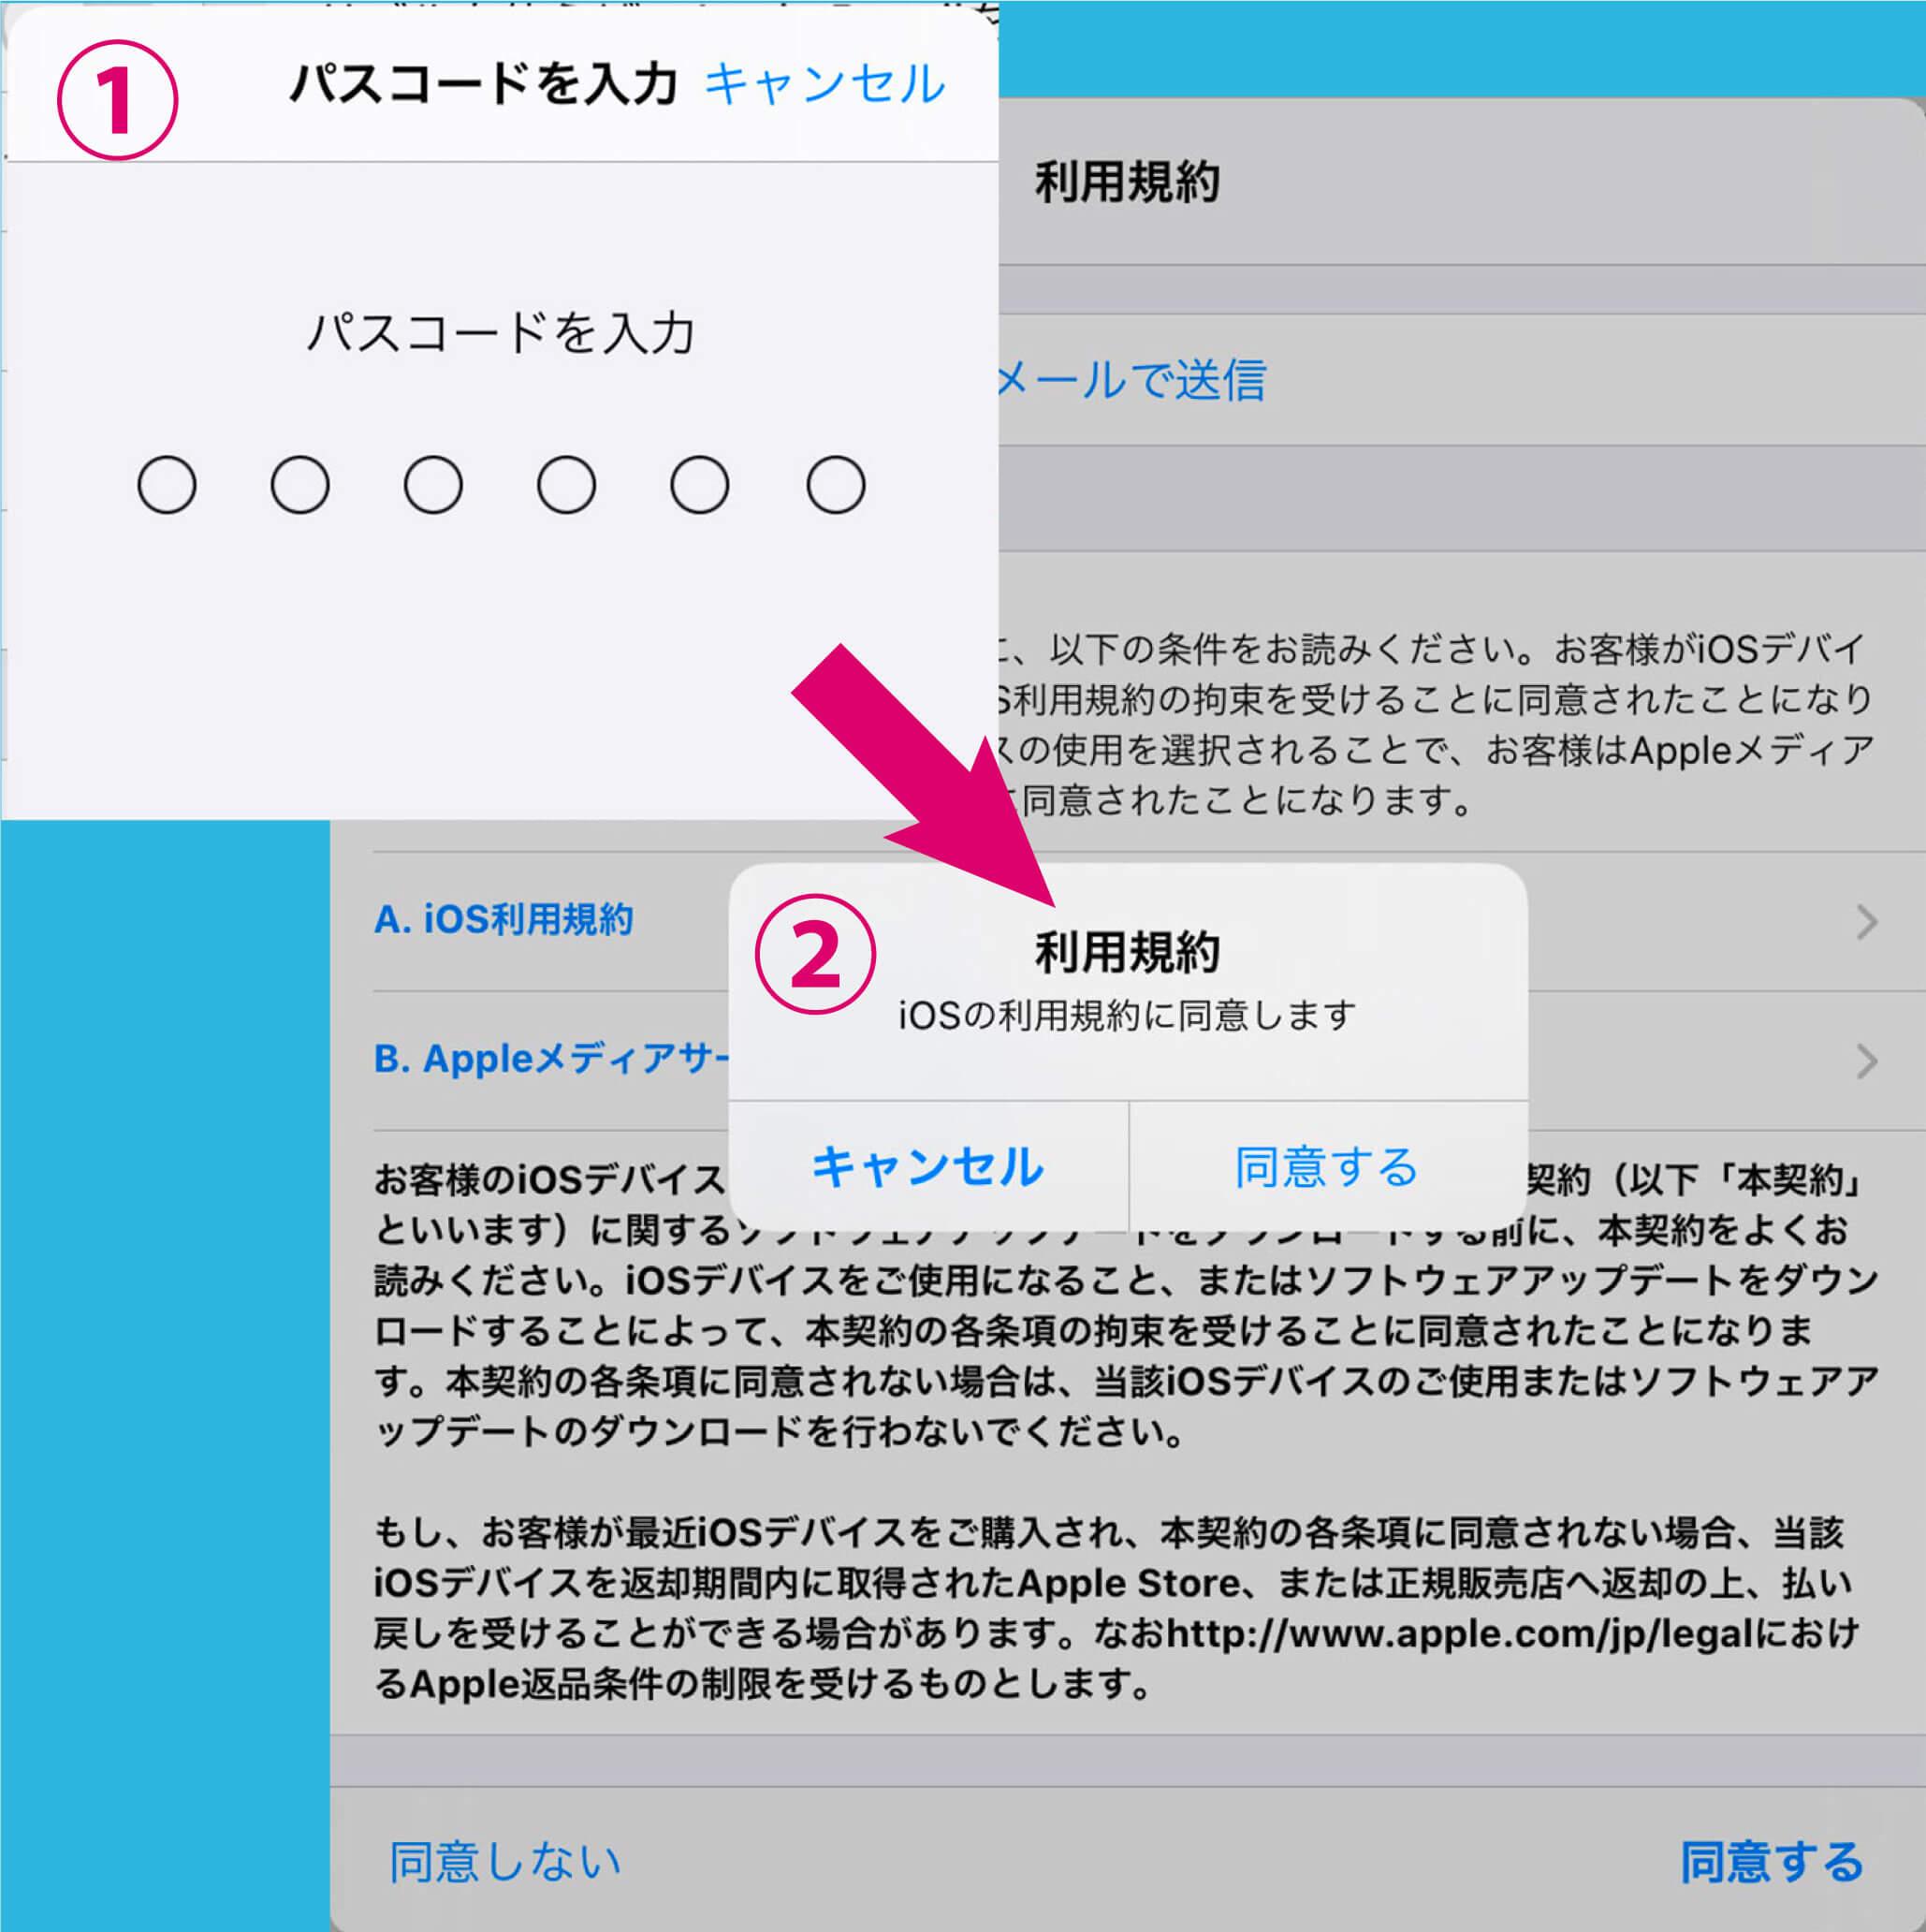 数字のパスワード)を入力する画面が出てくるので、入力し、利用規約に同意する